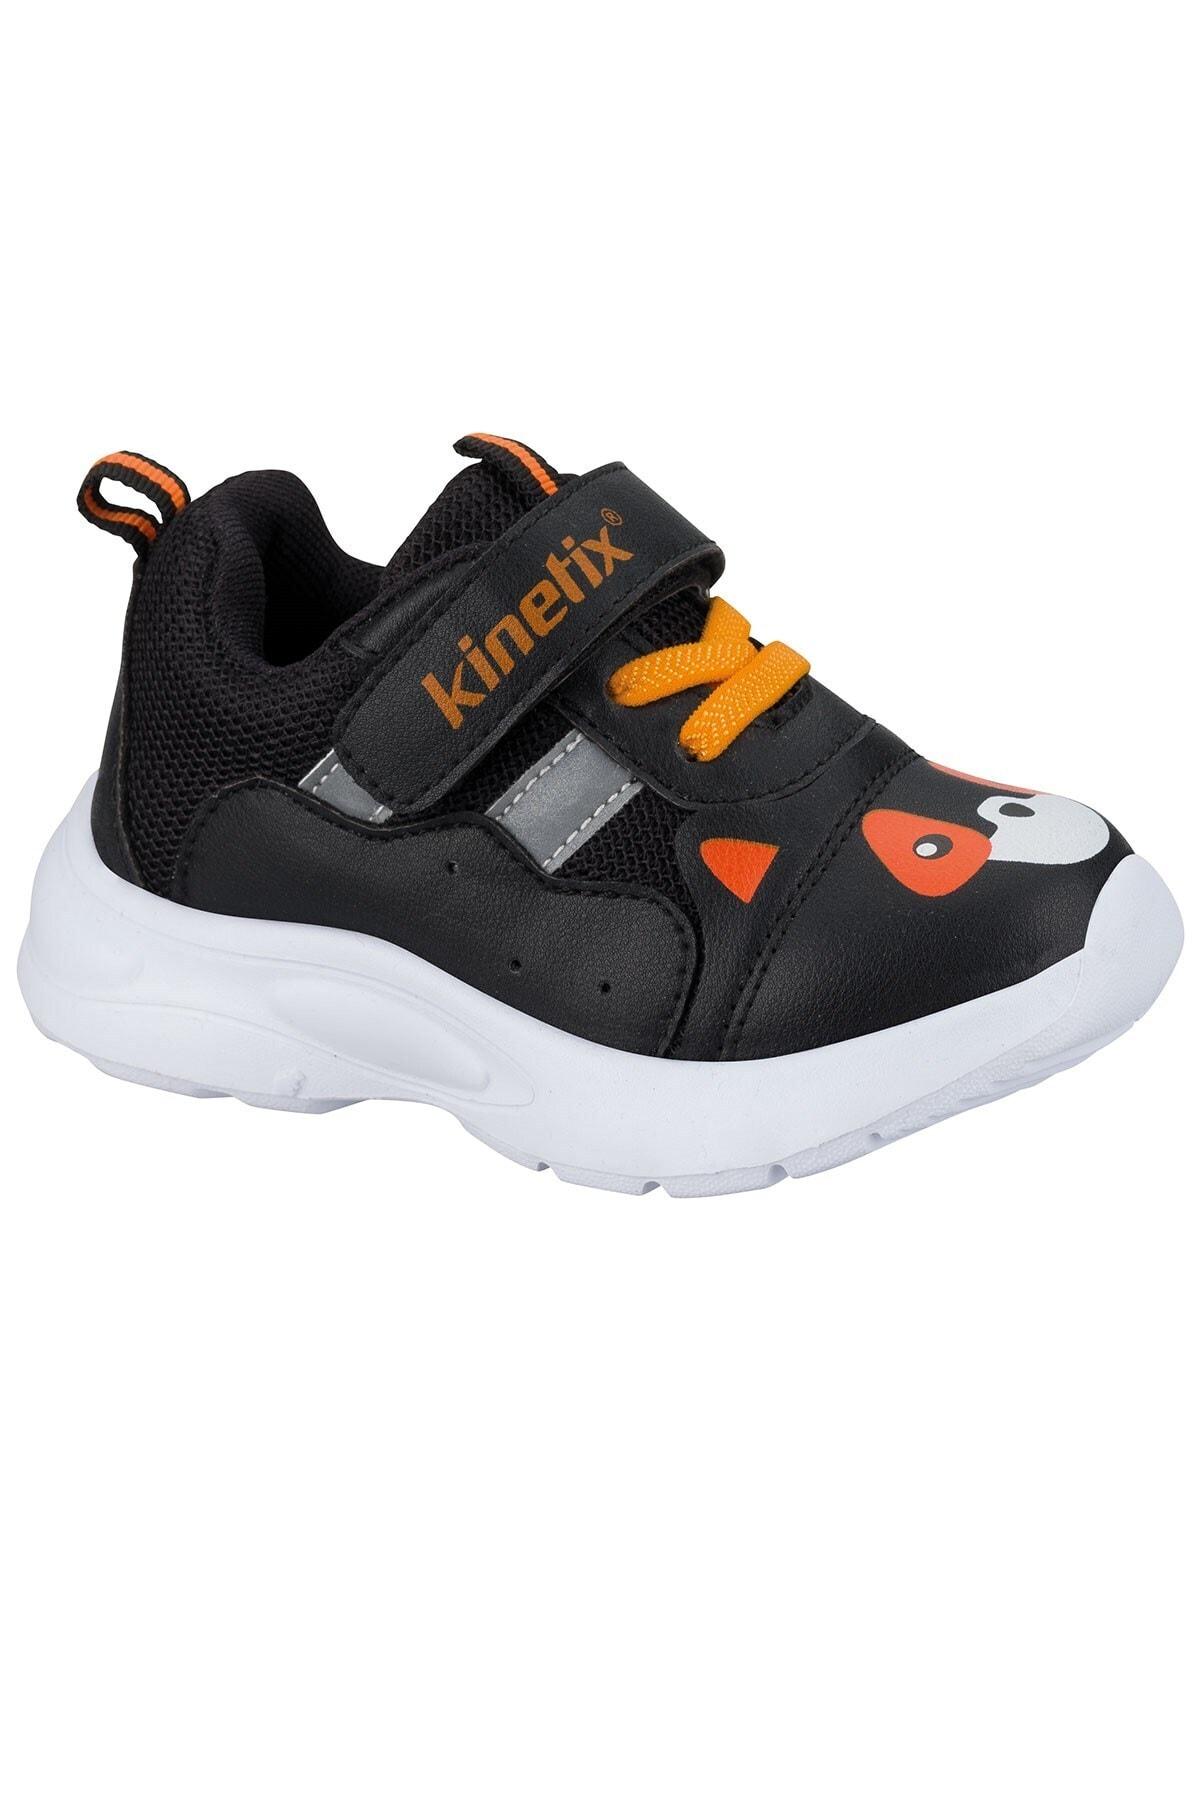 TOYZ 1FX Siyah Erkek Çocuk Spor Ayakkabı 100606319